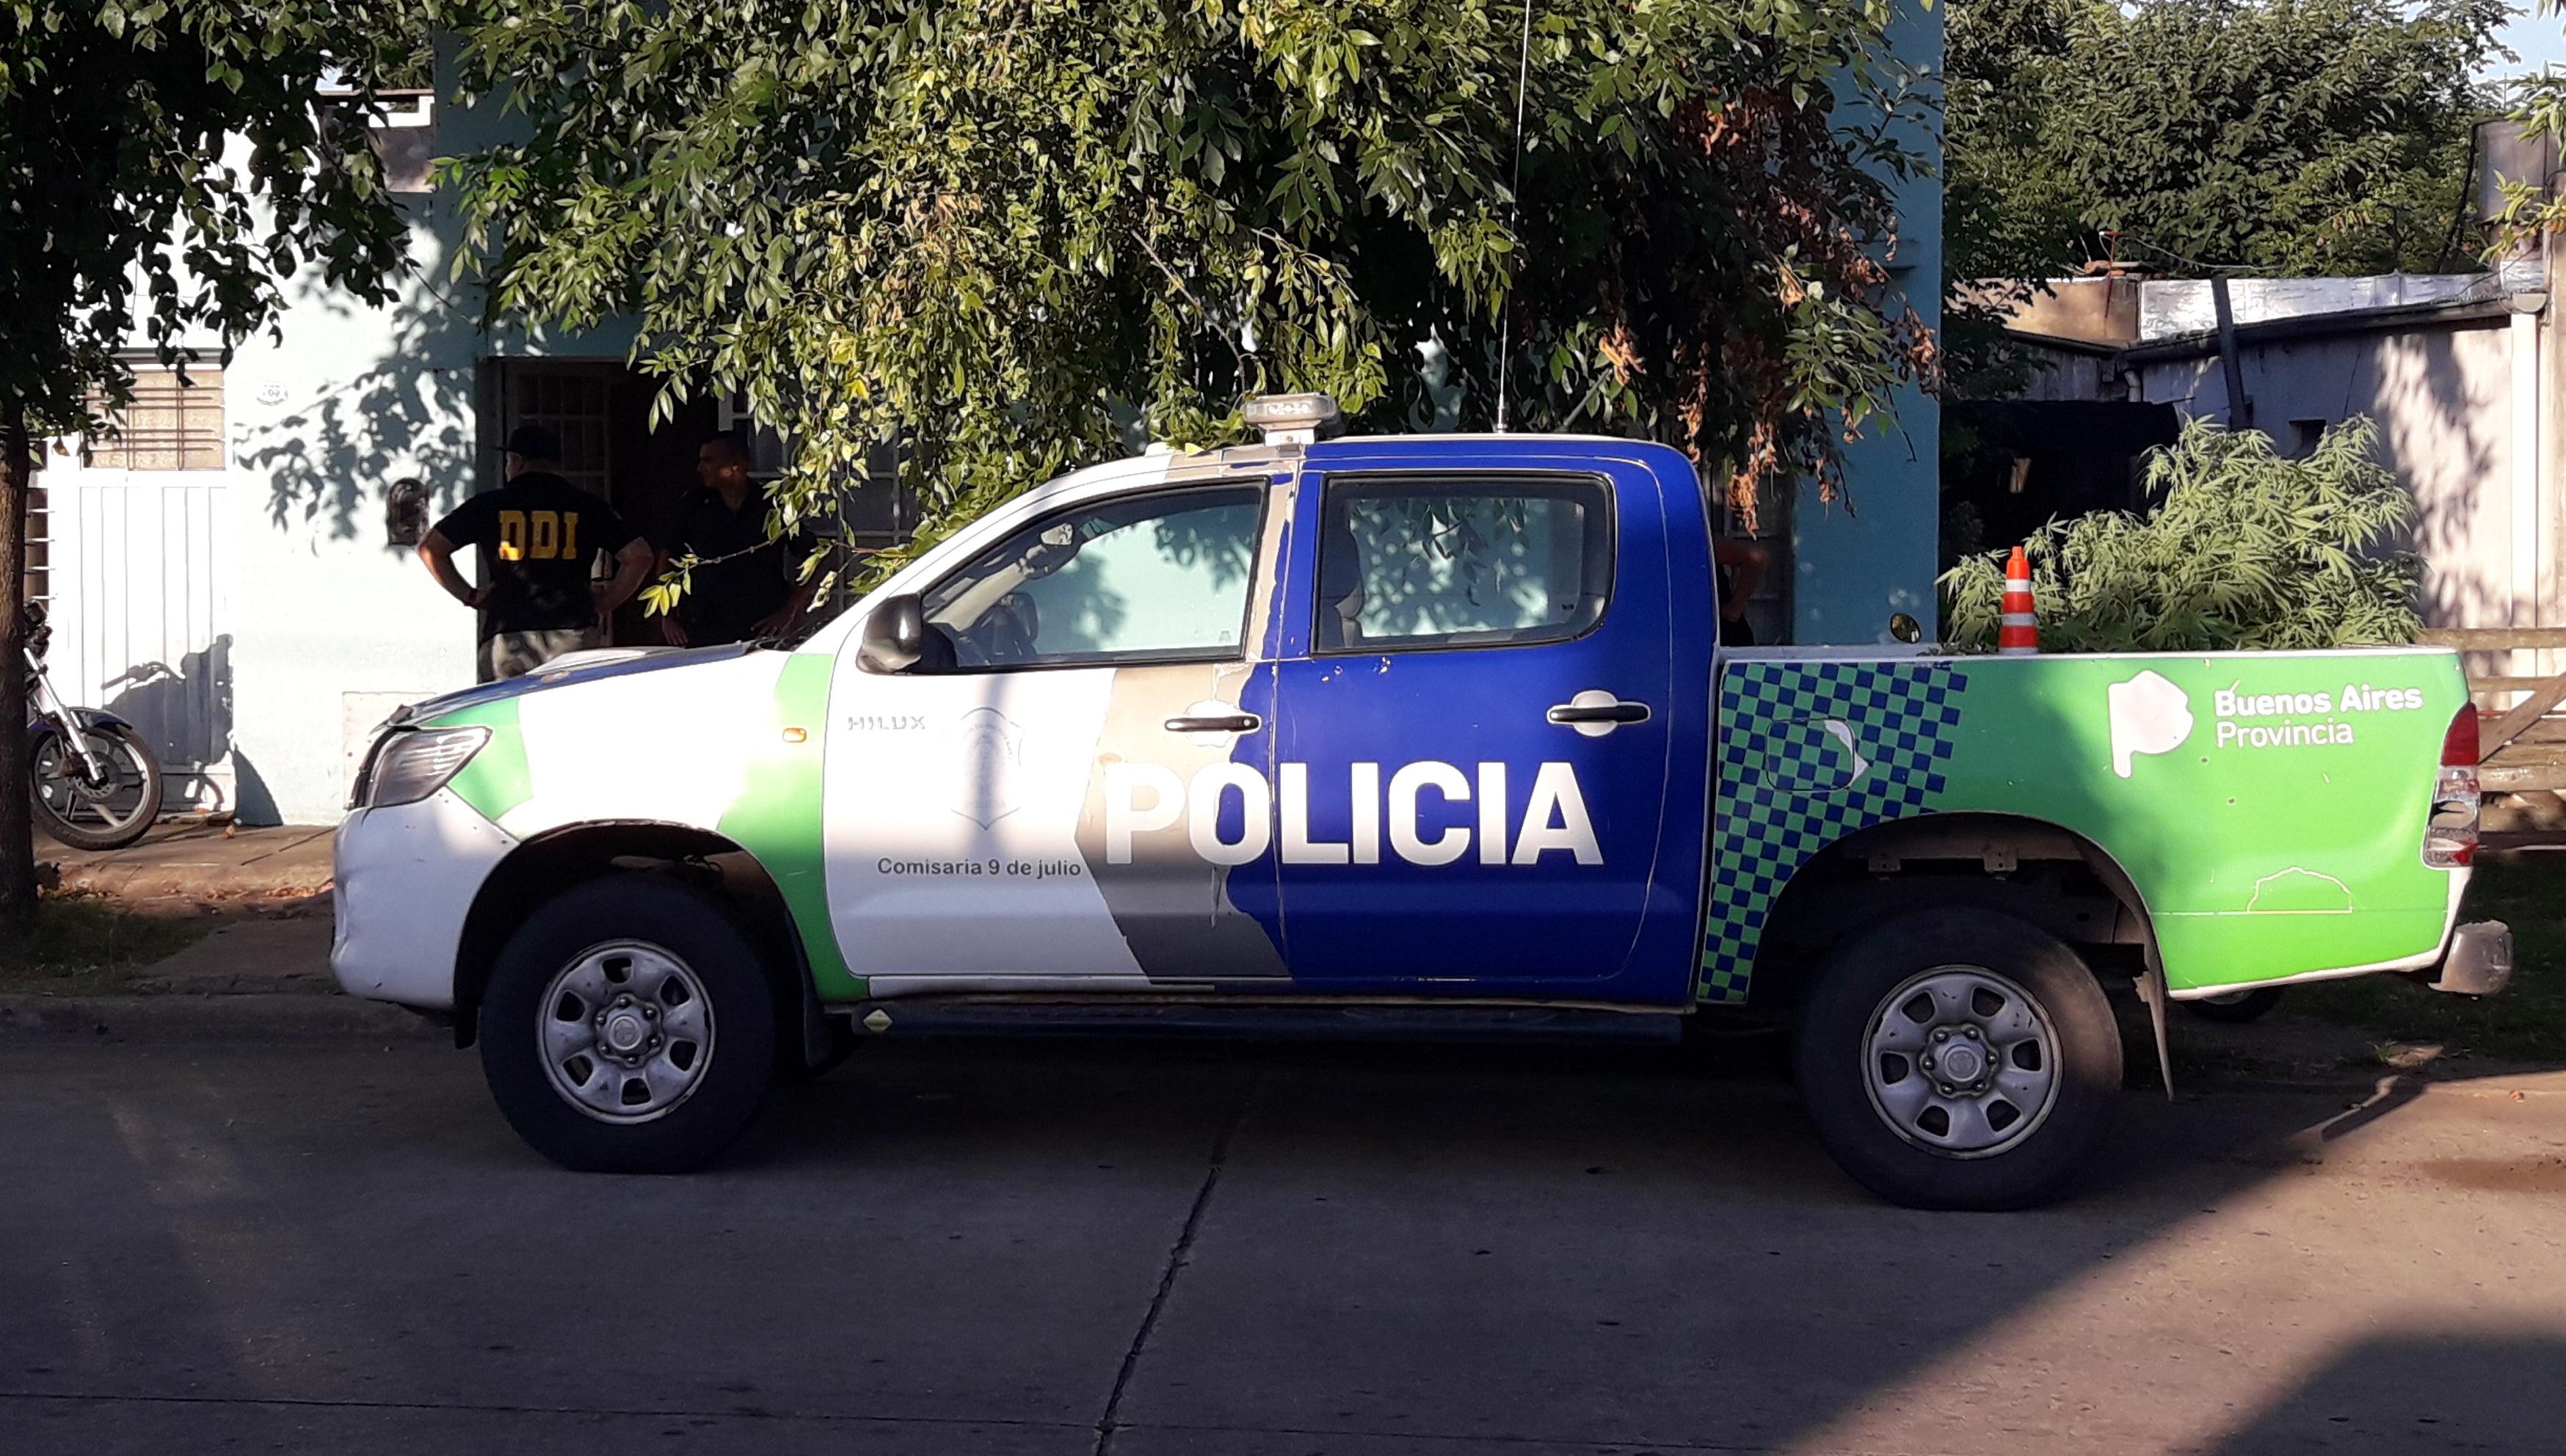 Una ardua investigación policial arrojo el esclarecimiento de varios hechos de robo y un detenido